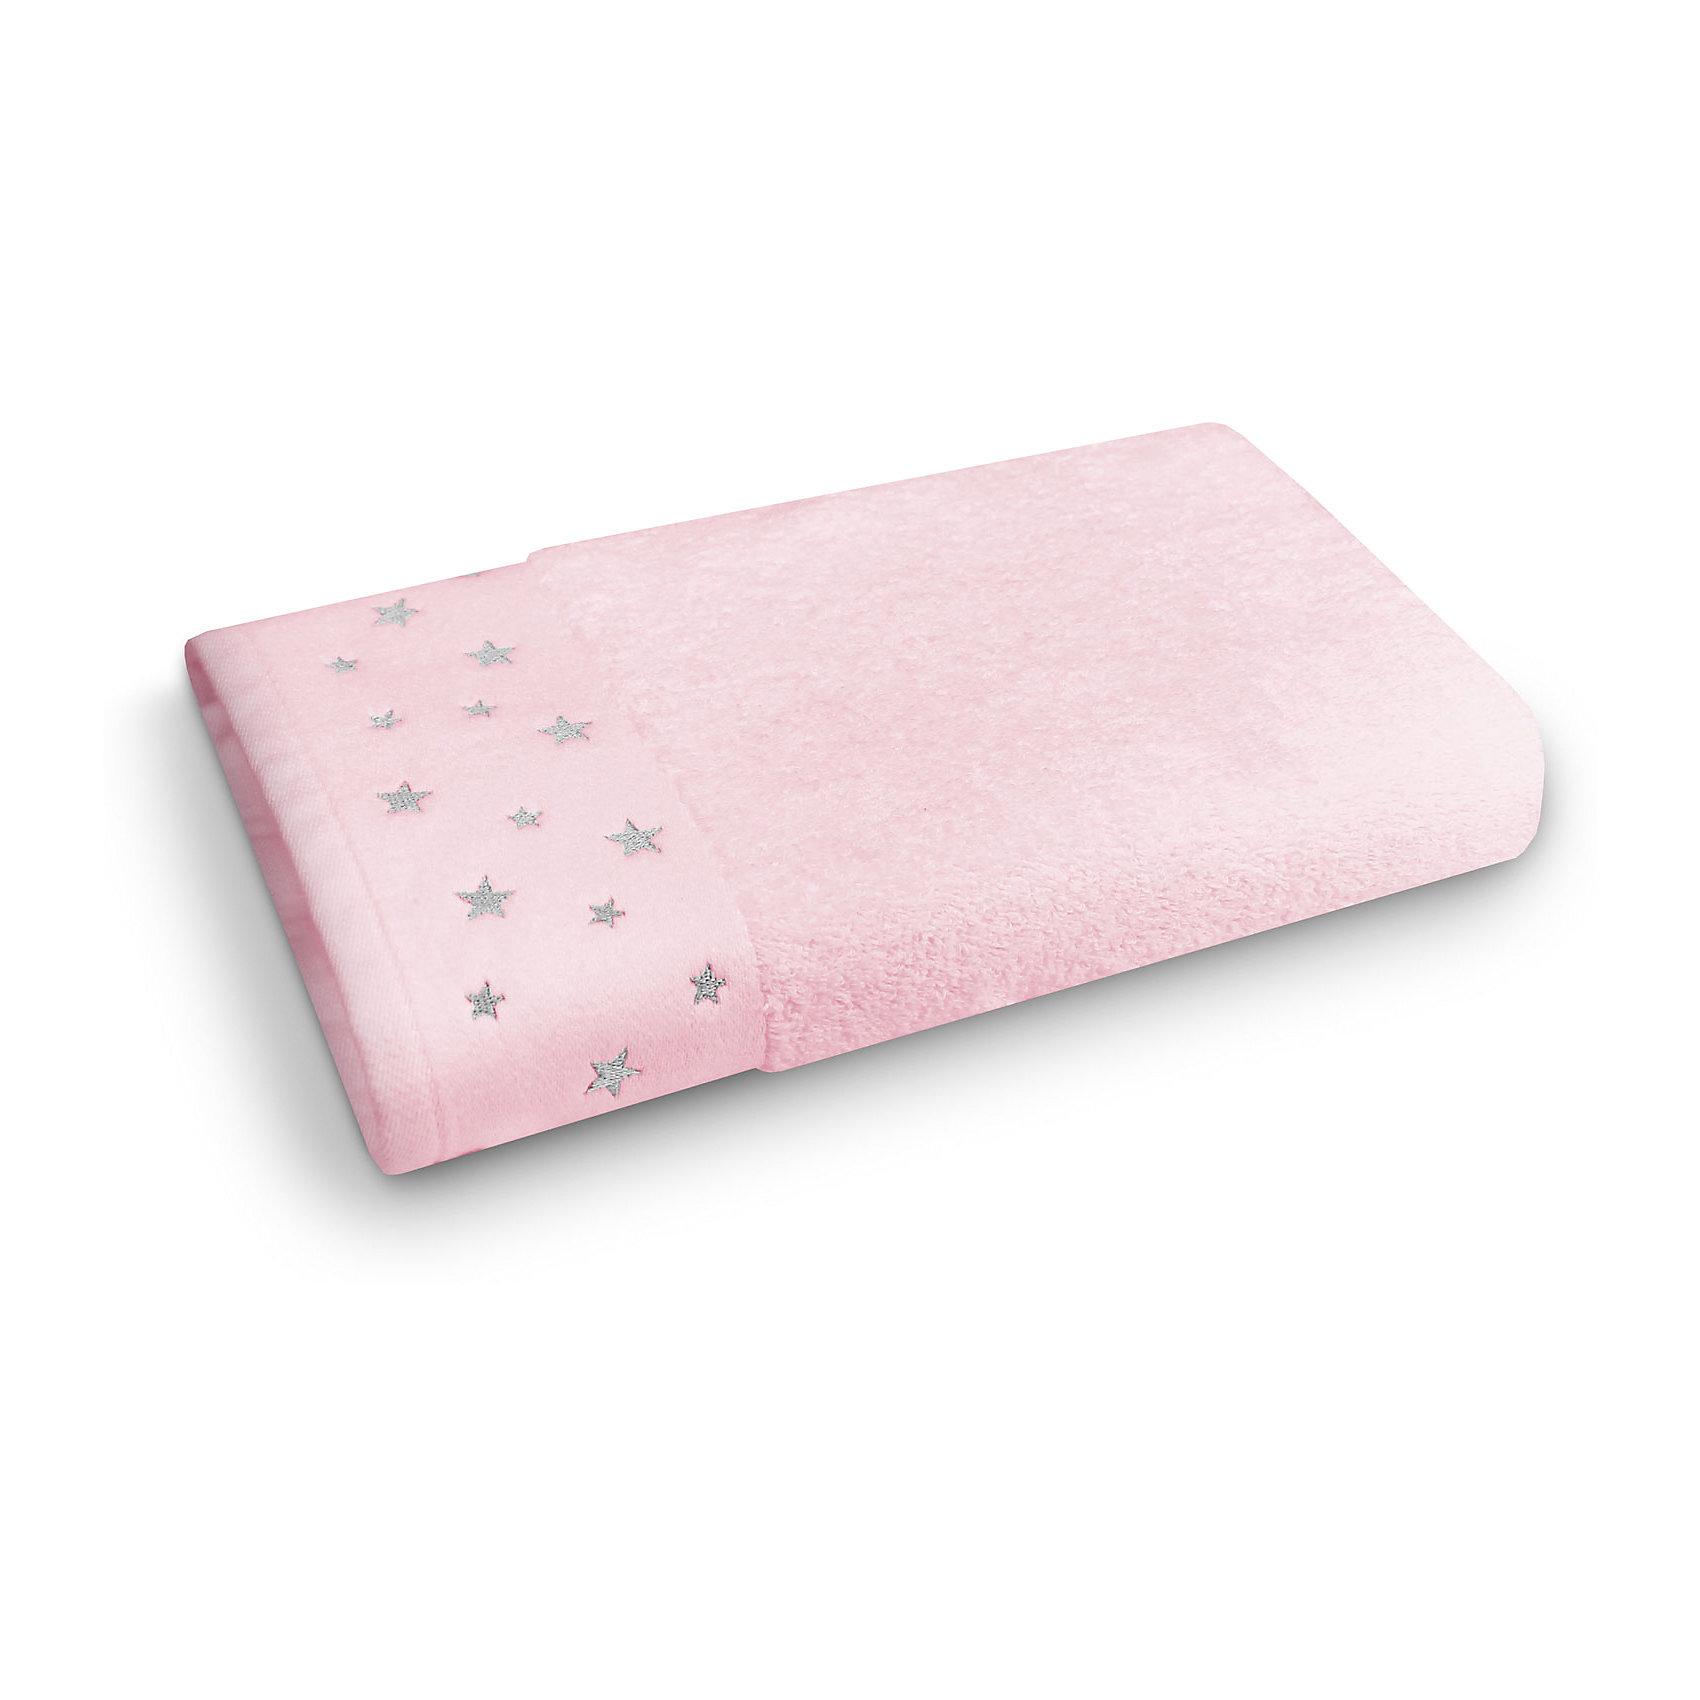 Полотенце махровое 70*140 Звездопад, Cozy Home, розовыйПолотенце махровое 70*140 Звездопад, Cozy Home (Кози Хоум), розовый<br><br>Характеристики:<br><br>• хорошо впитывает влагу<br>• изысканный дизайн<br>• материал: хлопок<br>• размер: 70х140 см<br>• цвет: розовый<br><br>Банное полотенце Звездопад от Cozy Home понравится всем. Края полотенца украшены блестящими звездочками, которые особенно приглянутся детям. Само полотенце изготовлено из мягкого хлопка. Хлопок не вызовет раздражения на нежной и чувствительной коже, быстро впитает большое количество влаги и быстро высохнет. Что немаловажно, полотенце сохраняет свой цвет и размер даже после многочисленных стирок при температуре 40°С. Полотенце станет прекрасным подарком!<br><br>Полотенце махровое 70*140 Звездопад, Cozy Home (Кози Хоум), розовый вы можете купить в нашем интернет-магазине.<br><br>Ширина мм: 150<br>Глубина мм: 350<br>Высота мм: 150<br>Вес г: 350<br>Возраст от месяцев: 0<br>Возраст до месяцев: 216<br>Пол: Женский<br>Возраст: Детский<br>SKU: 5355334